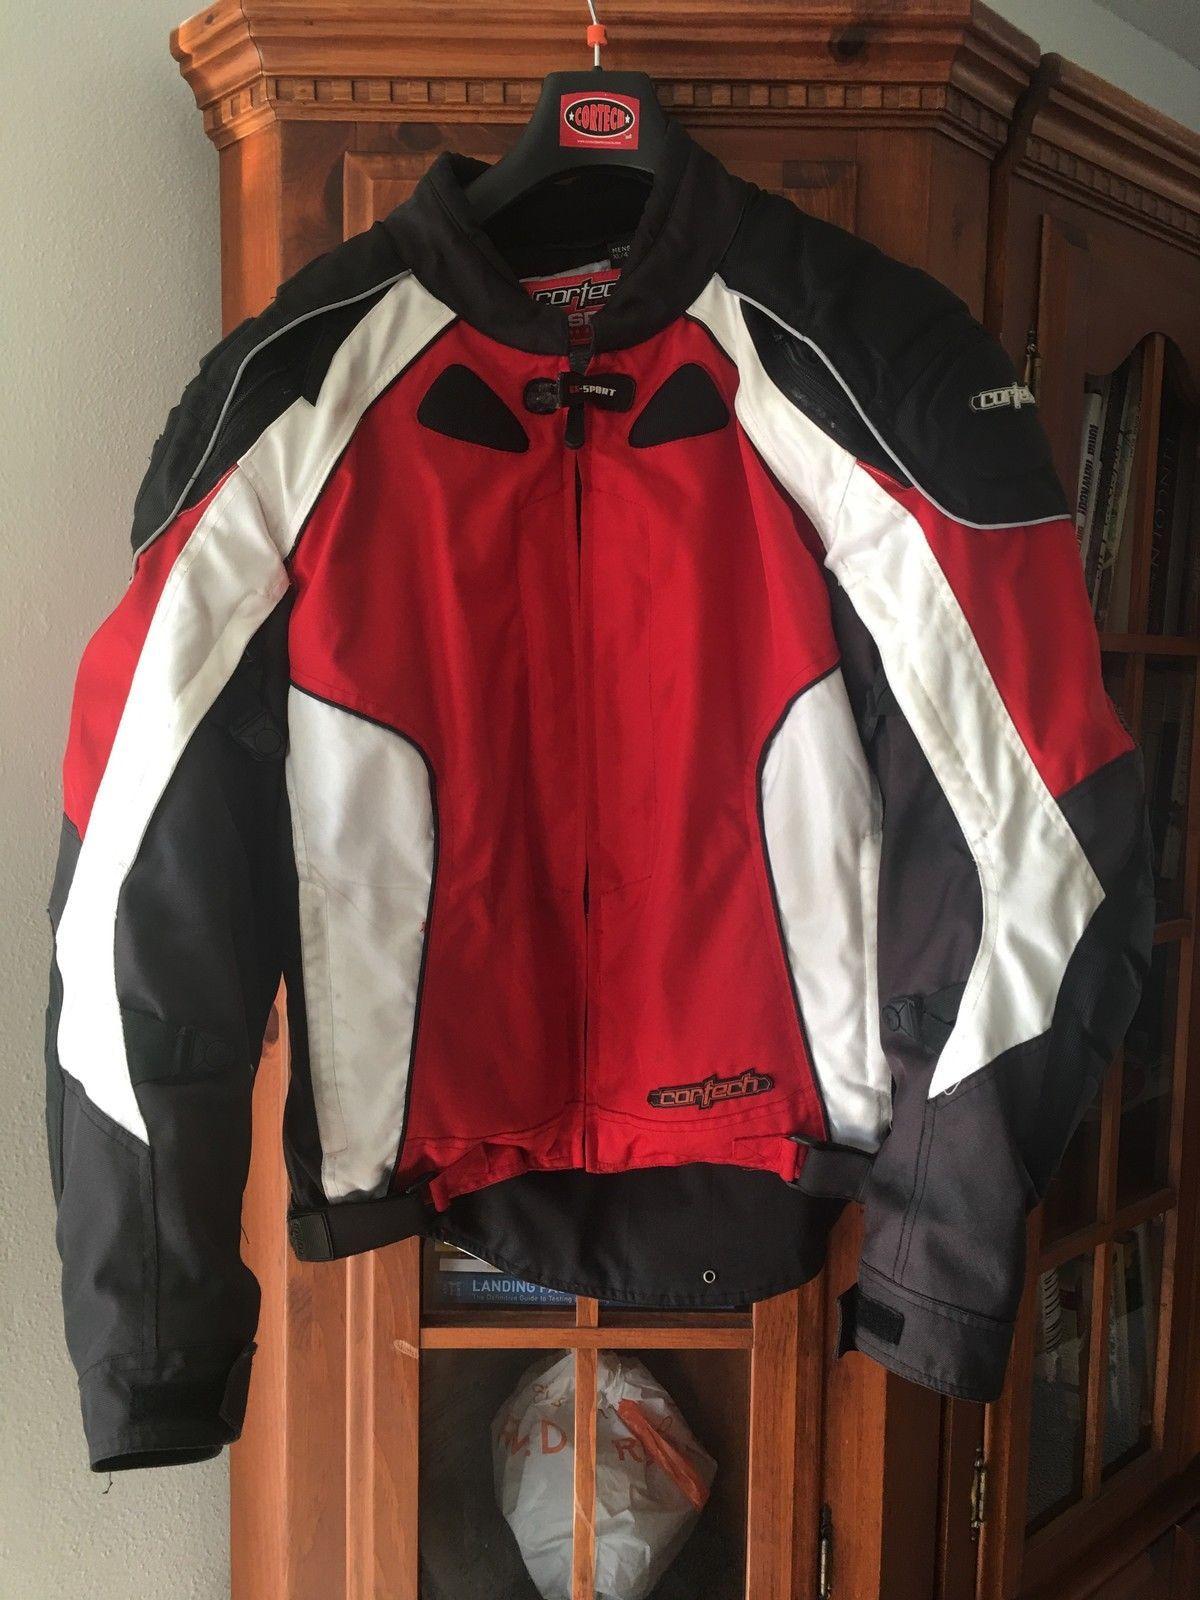 http://motorcyclespareparts.net/cortex-motorcycle-jacket-size-46-xl/Cortex motorcycle jacket, size 46 XL